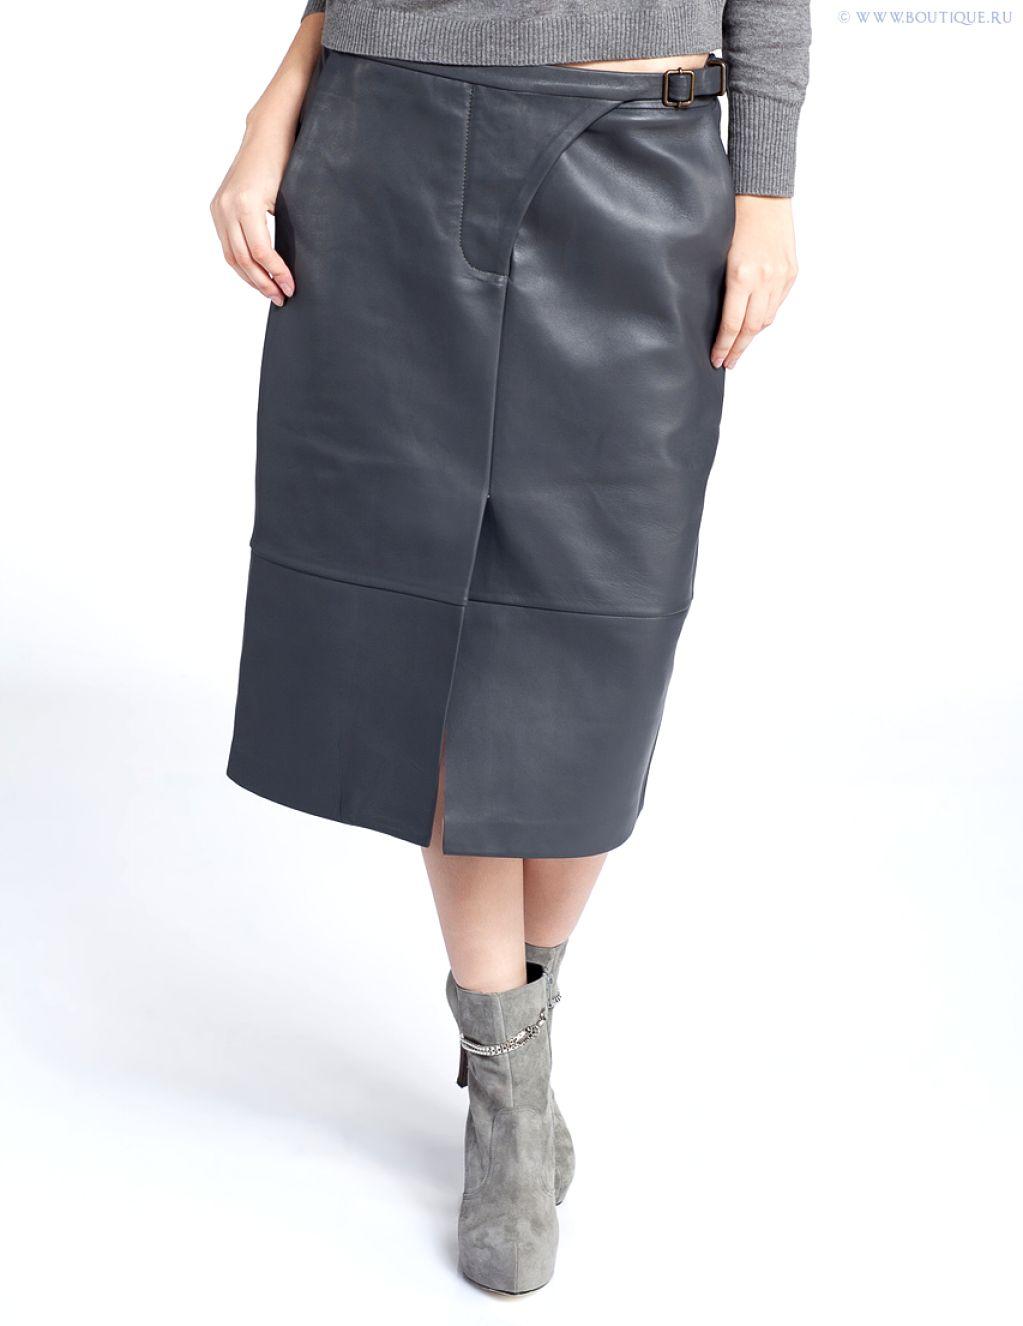 Купить юбку в пол в москве